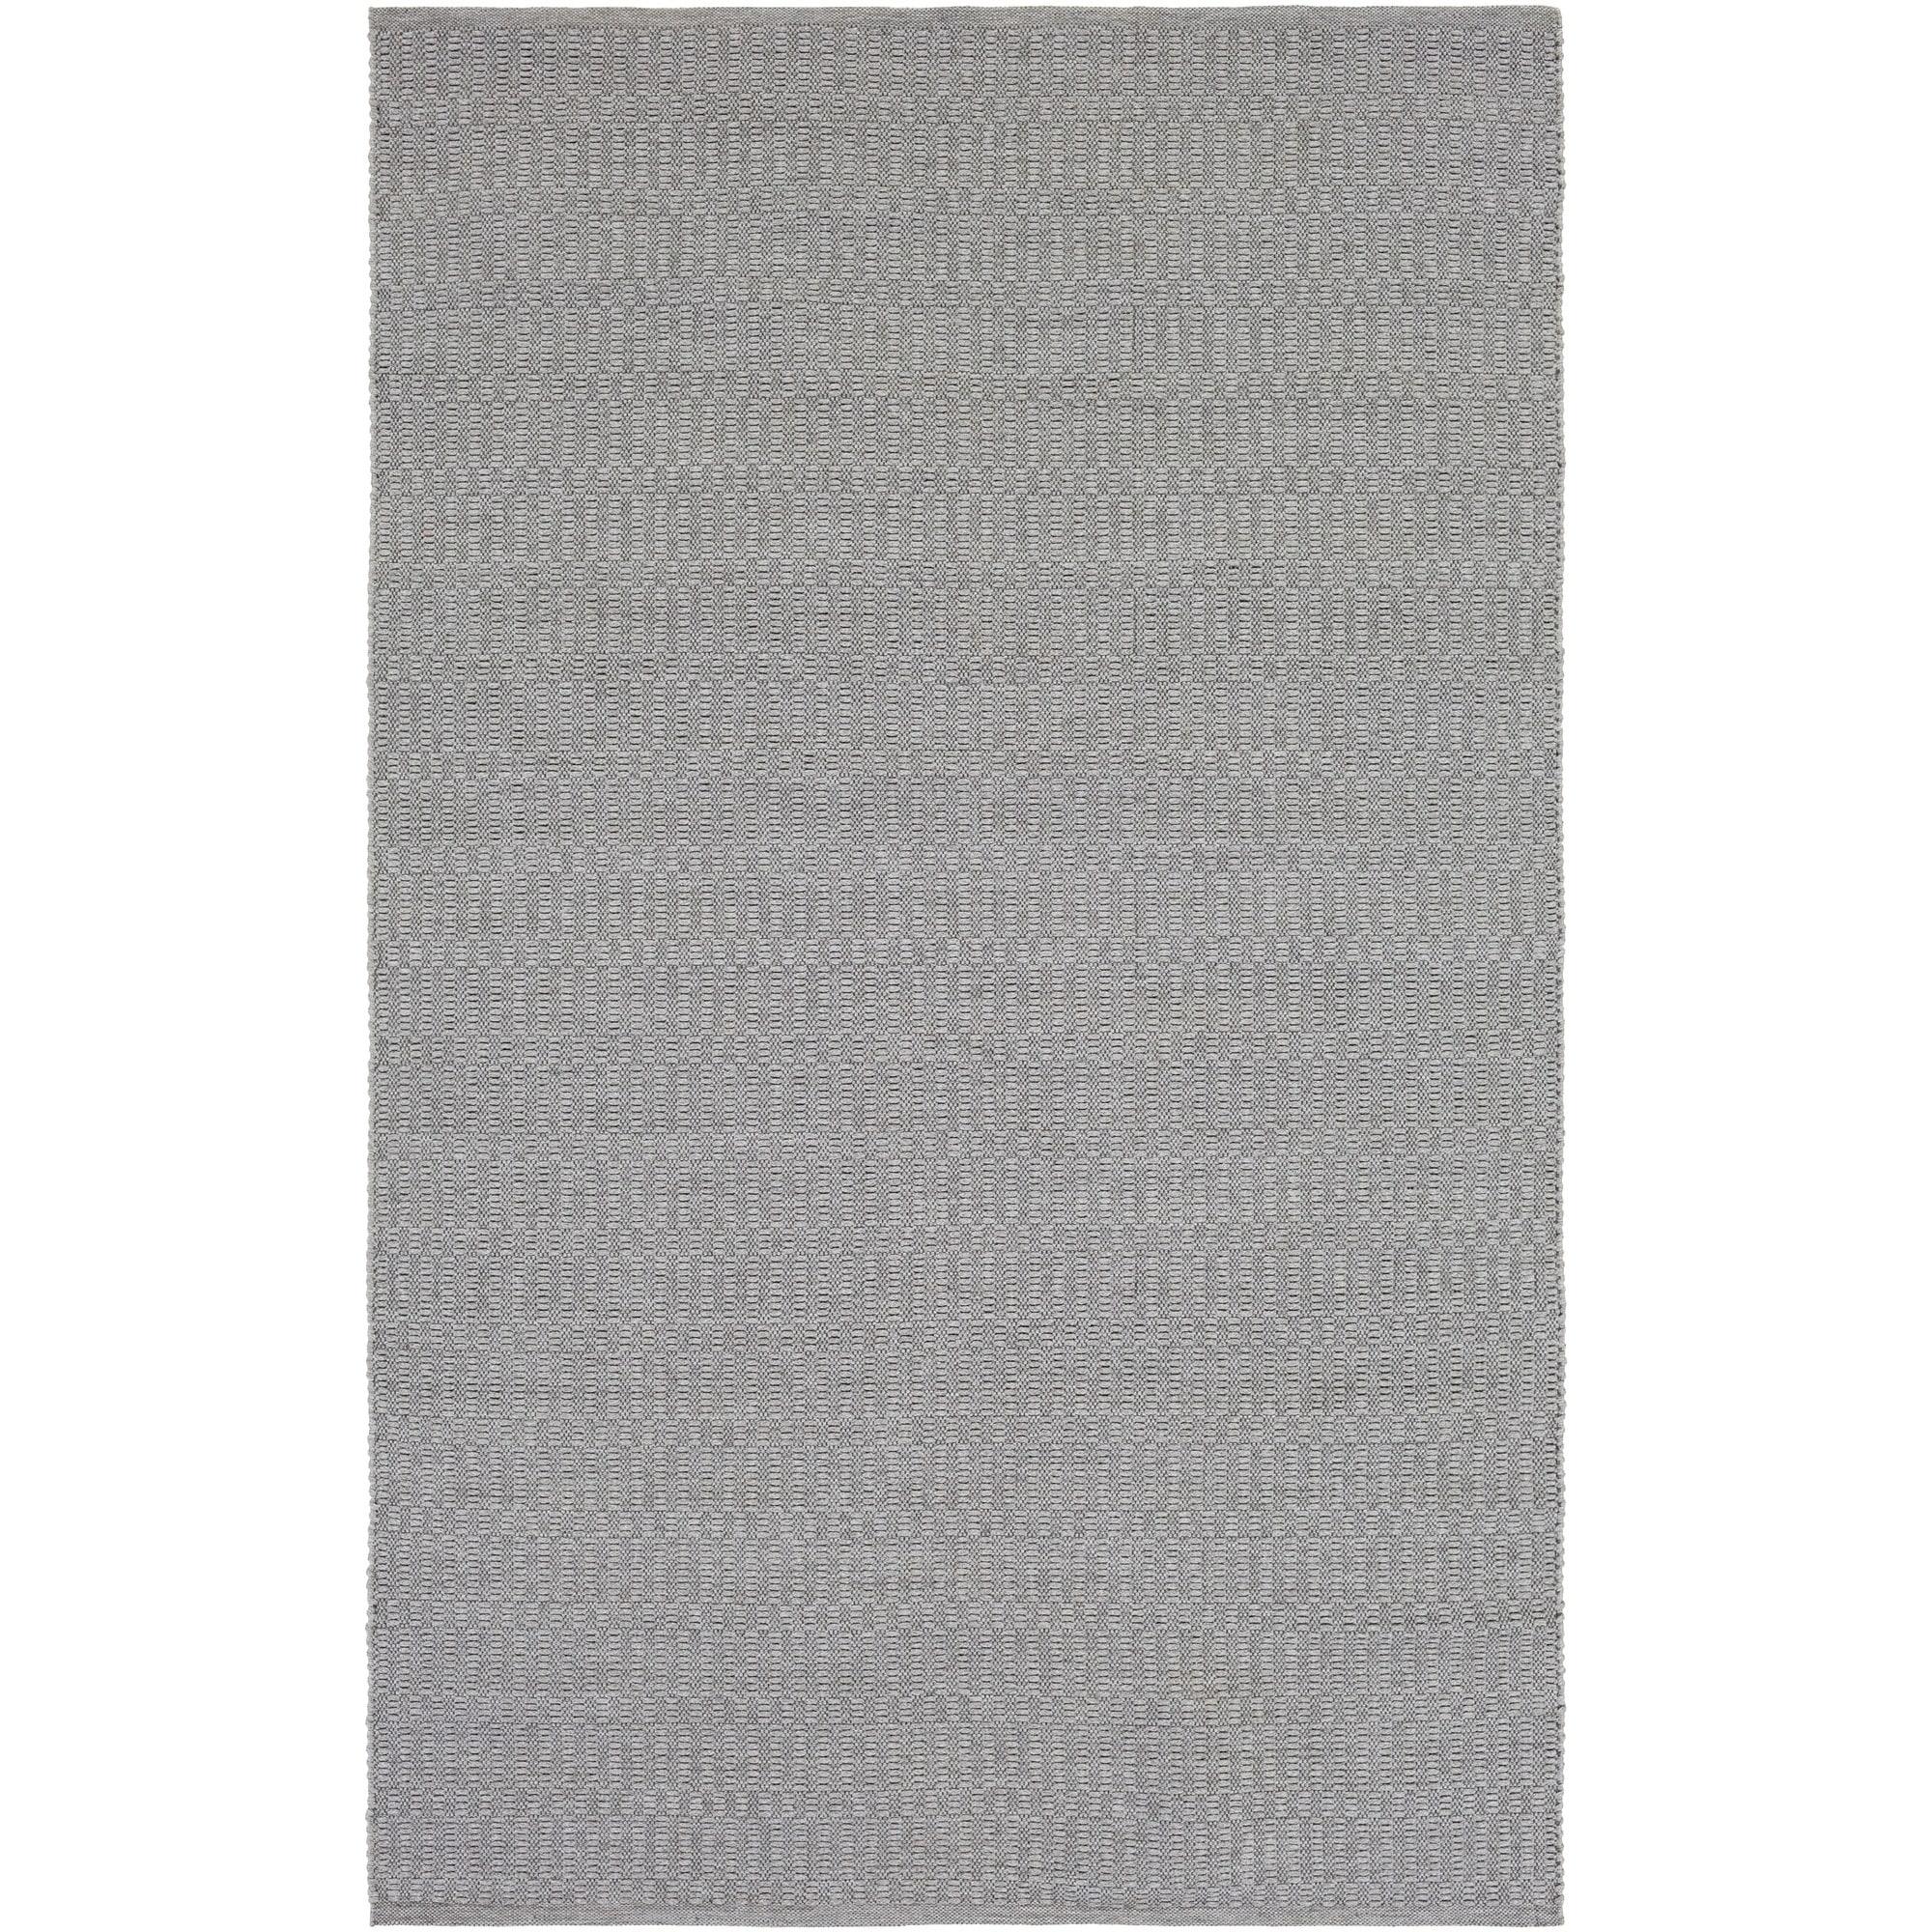 Hand Woven Indoor Outdoor Area Rug